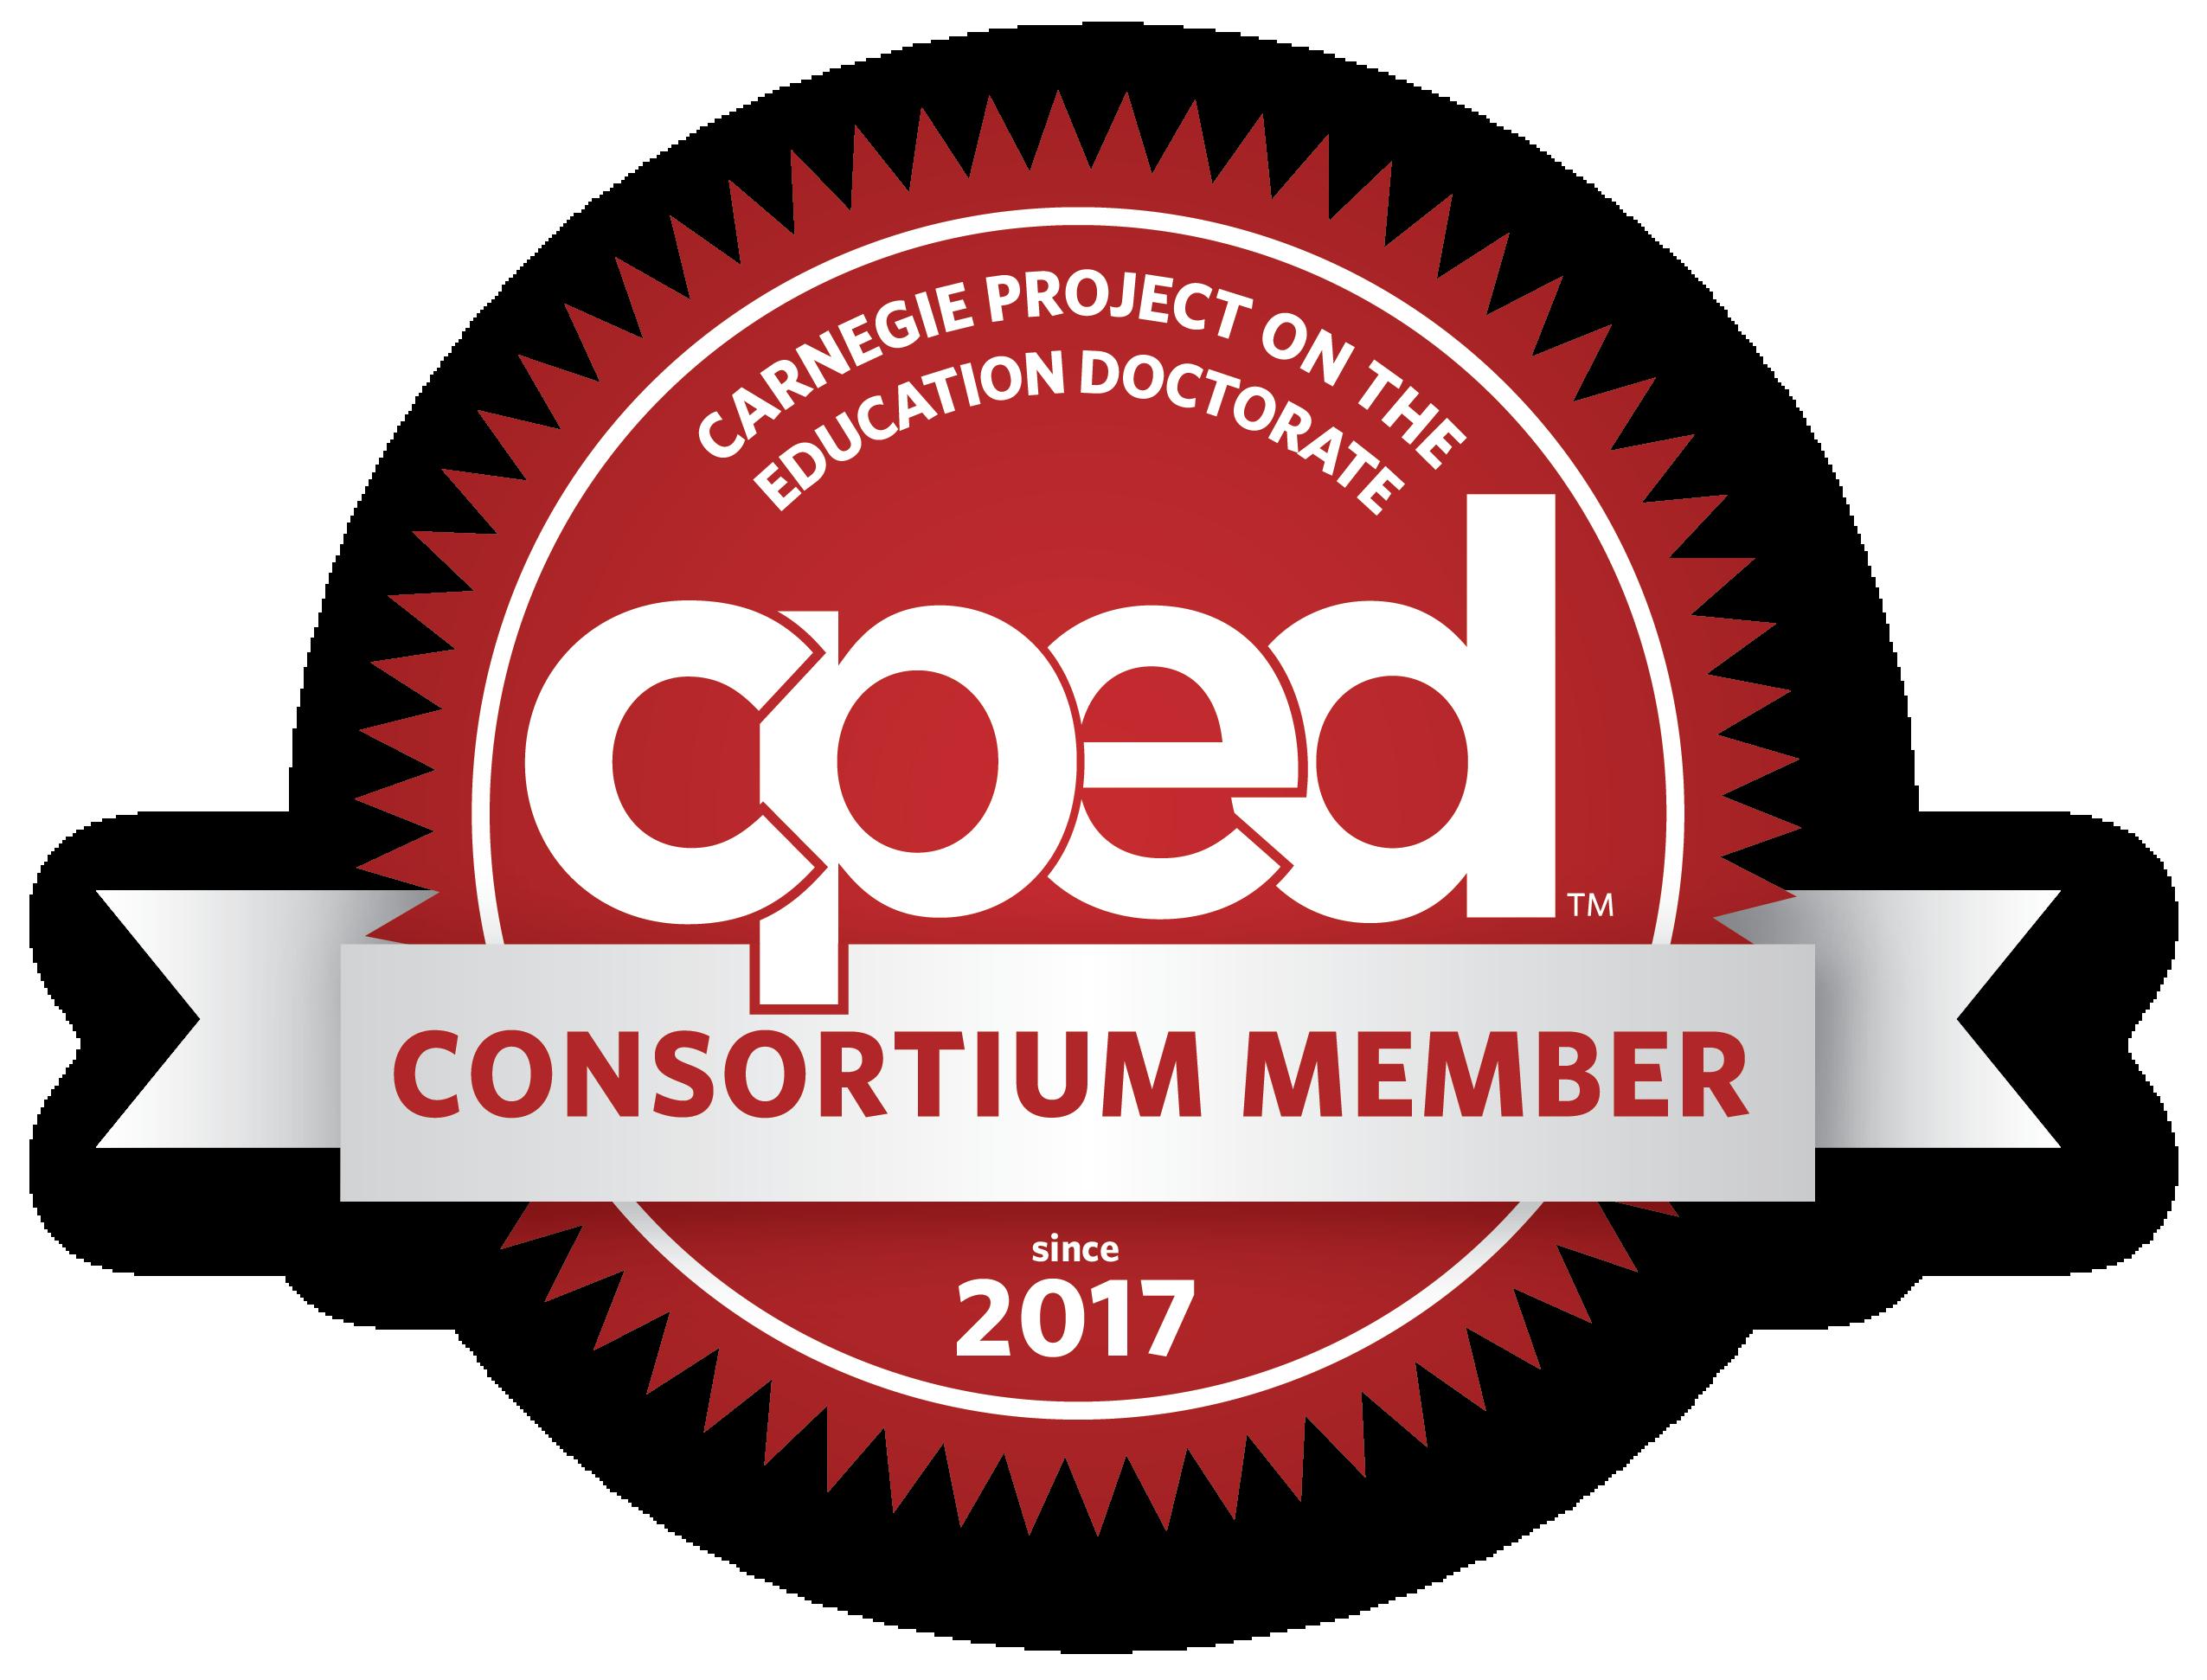 CPED Consortium Member